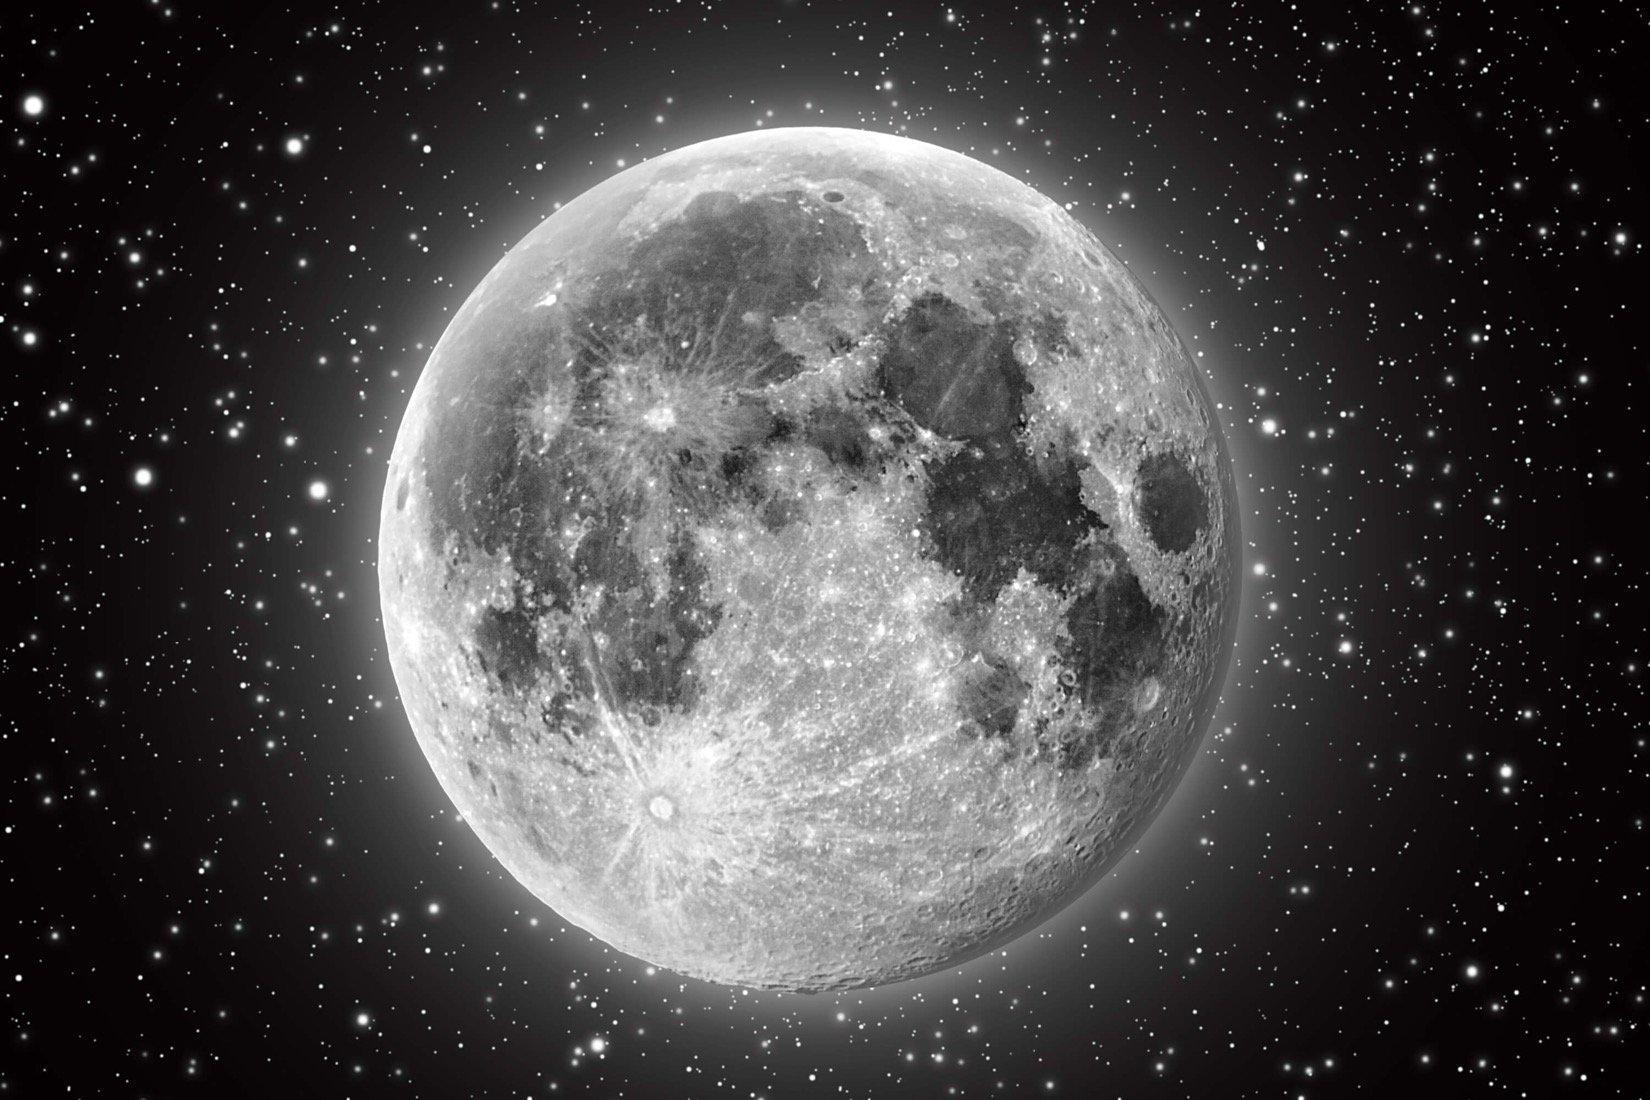 """Từ đầu tiên được nói trên mặt trăng là """"Okay"""""""